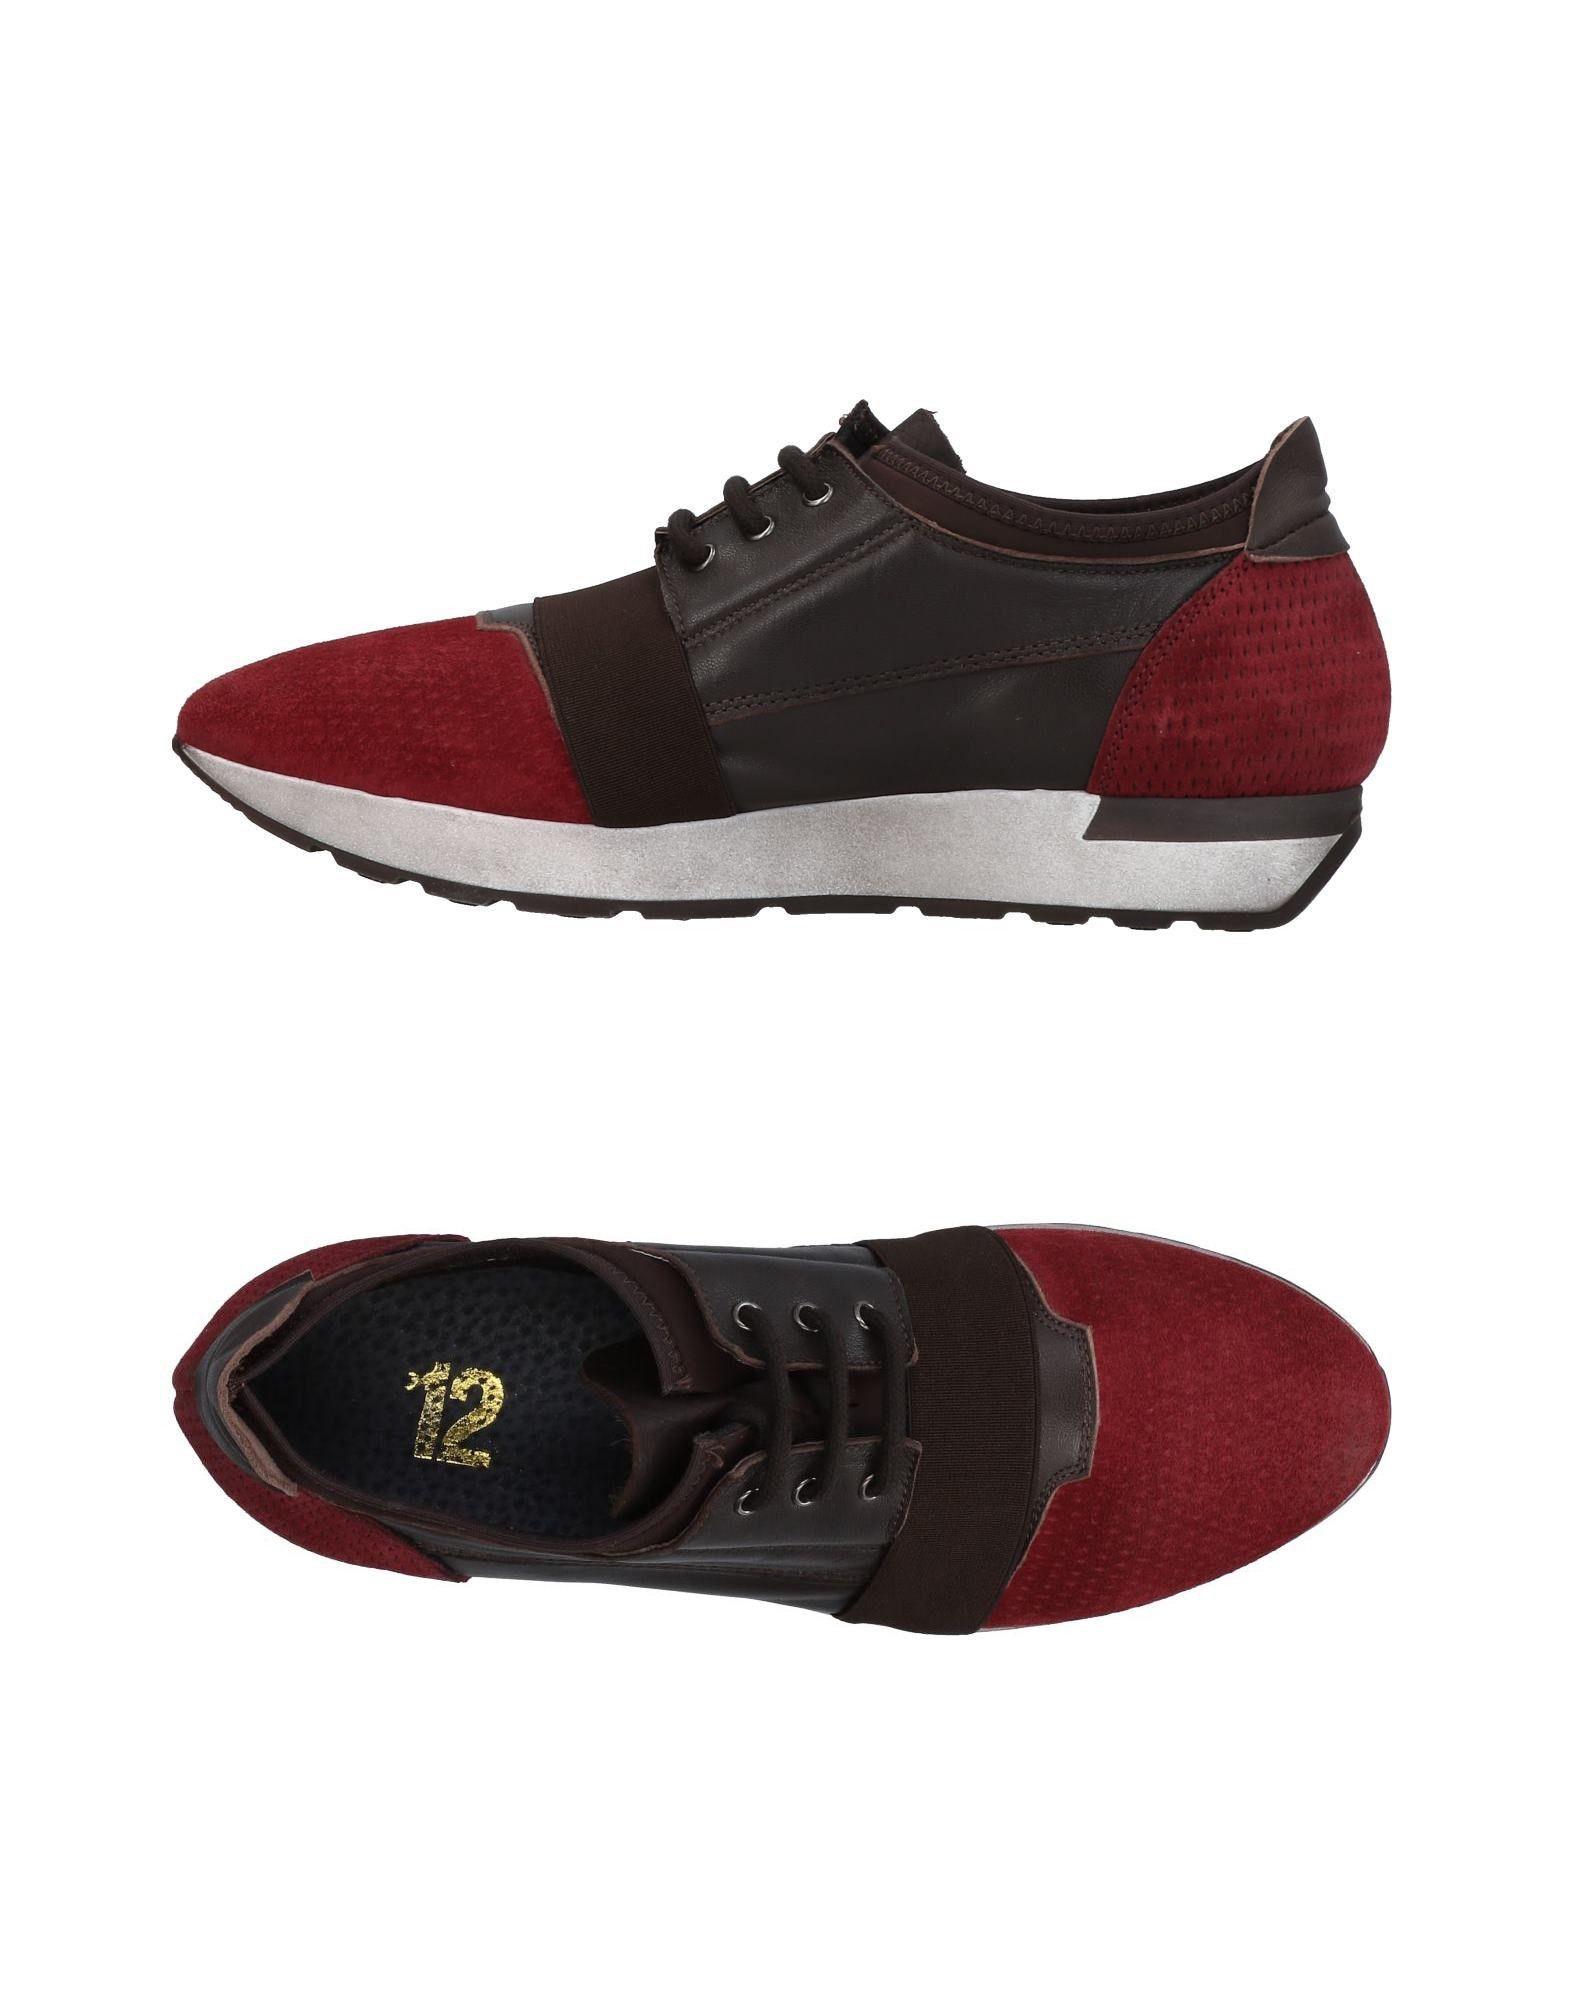 Tsd12 Sneakers Damen  11453978PJ Gute Qualität beliebte Schuhe